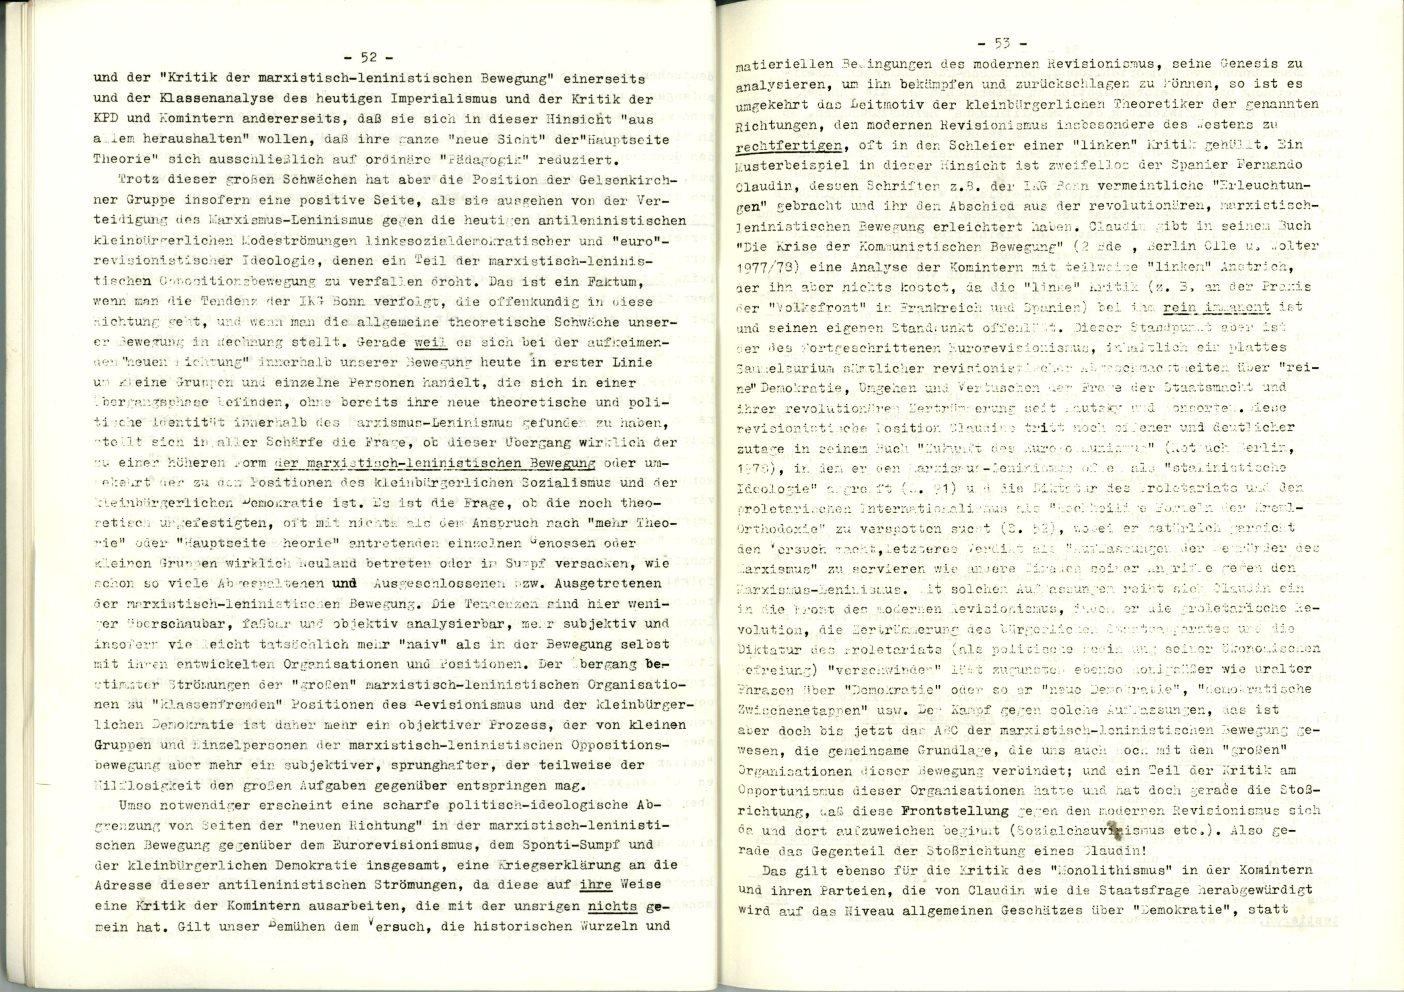 Nuernberg_Fuerth_Erlangen_ML_Diskussionsbeitraege_1979_02_27